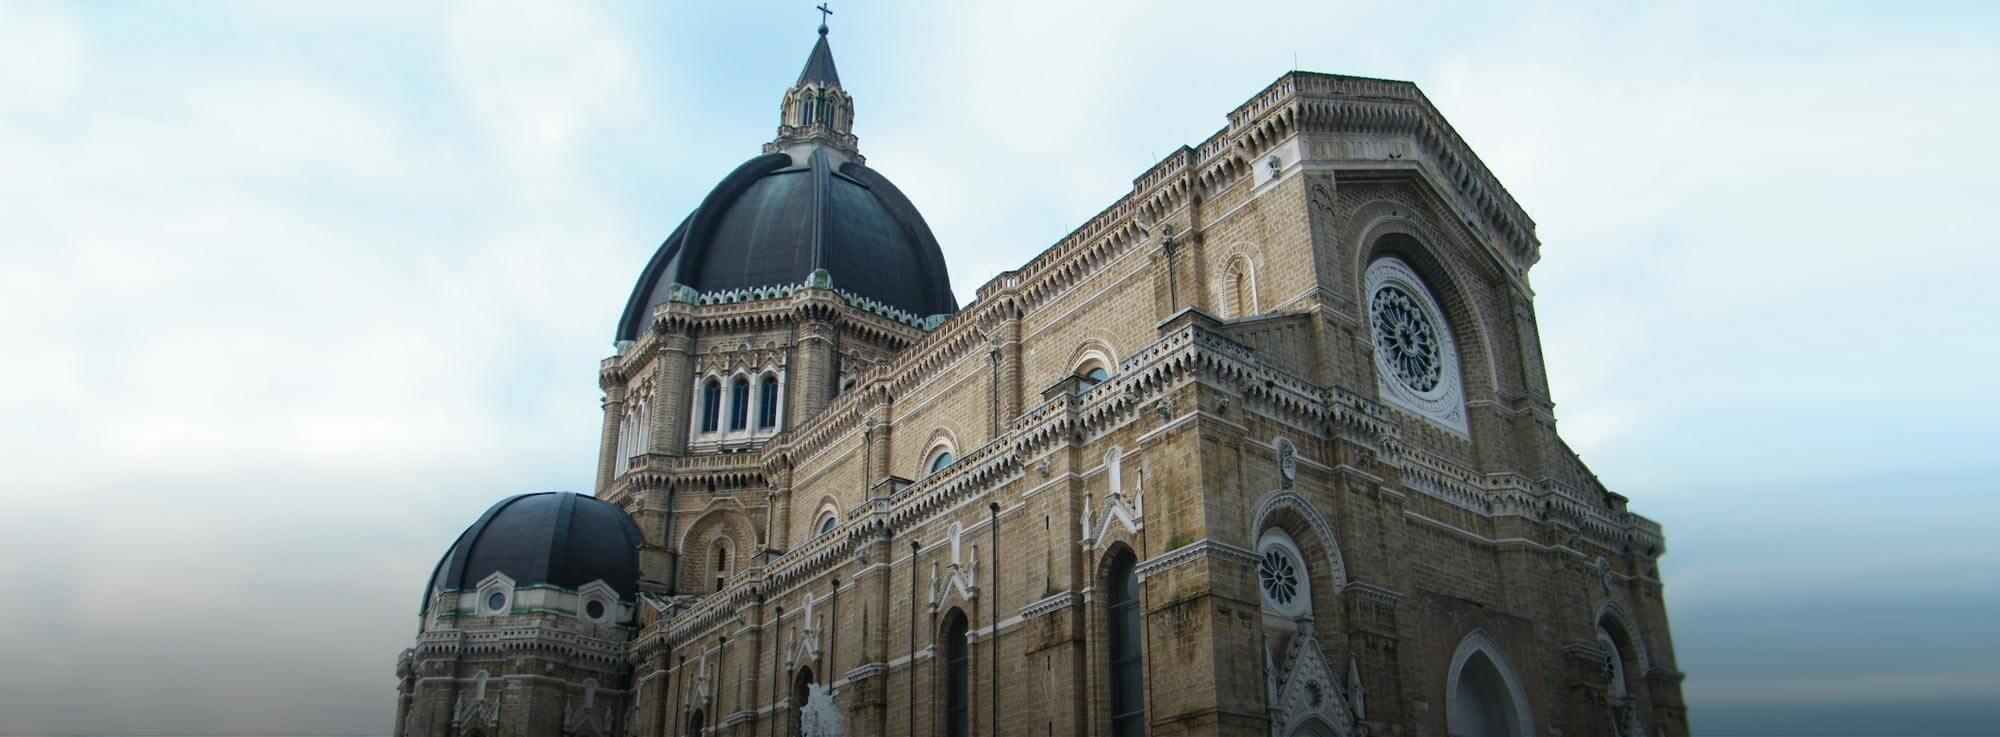 Cerignola: Tempi nuovi